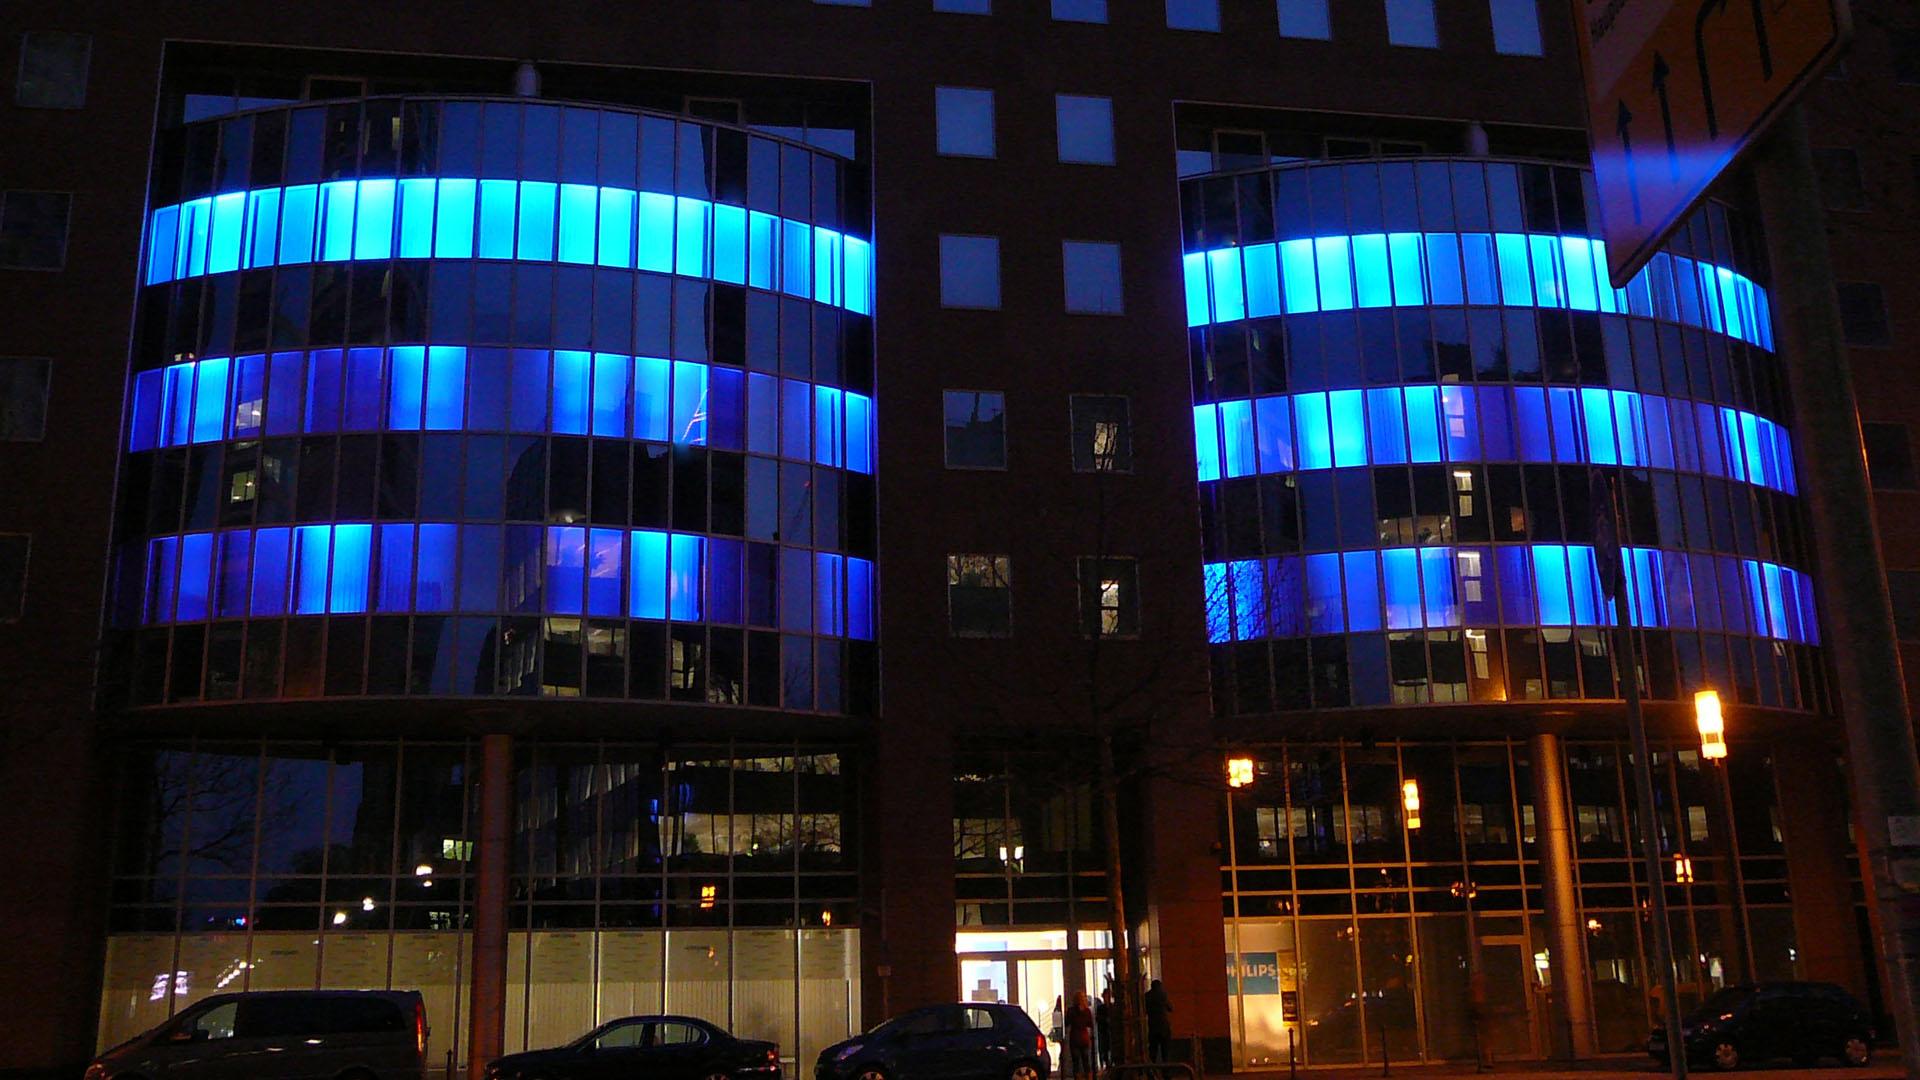 MAASS-Lichtplanung_Lichtkunst zur Luminale 2010__MAASS-HustleBustle-007